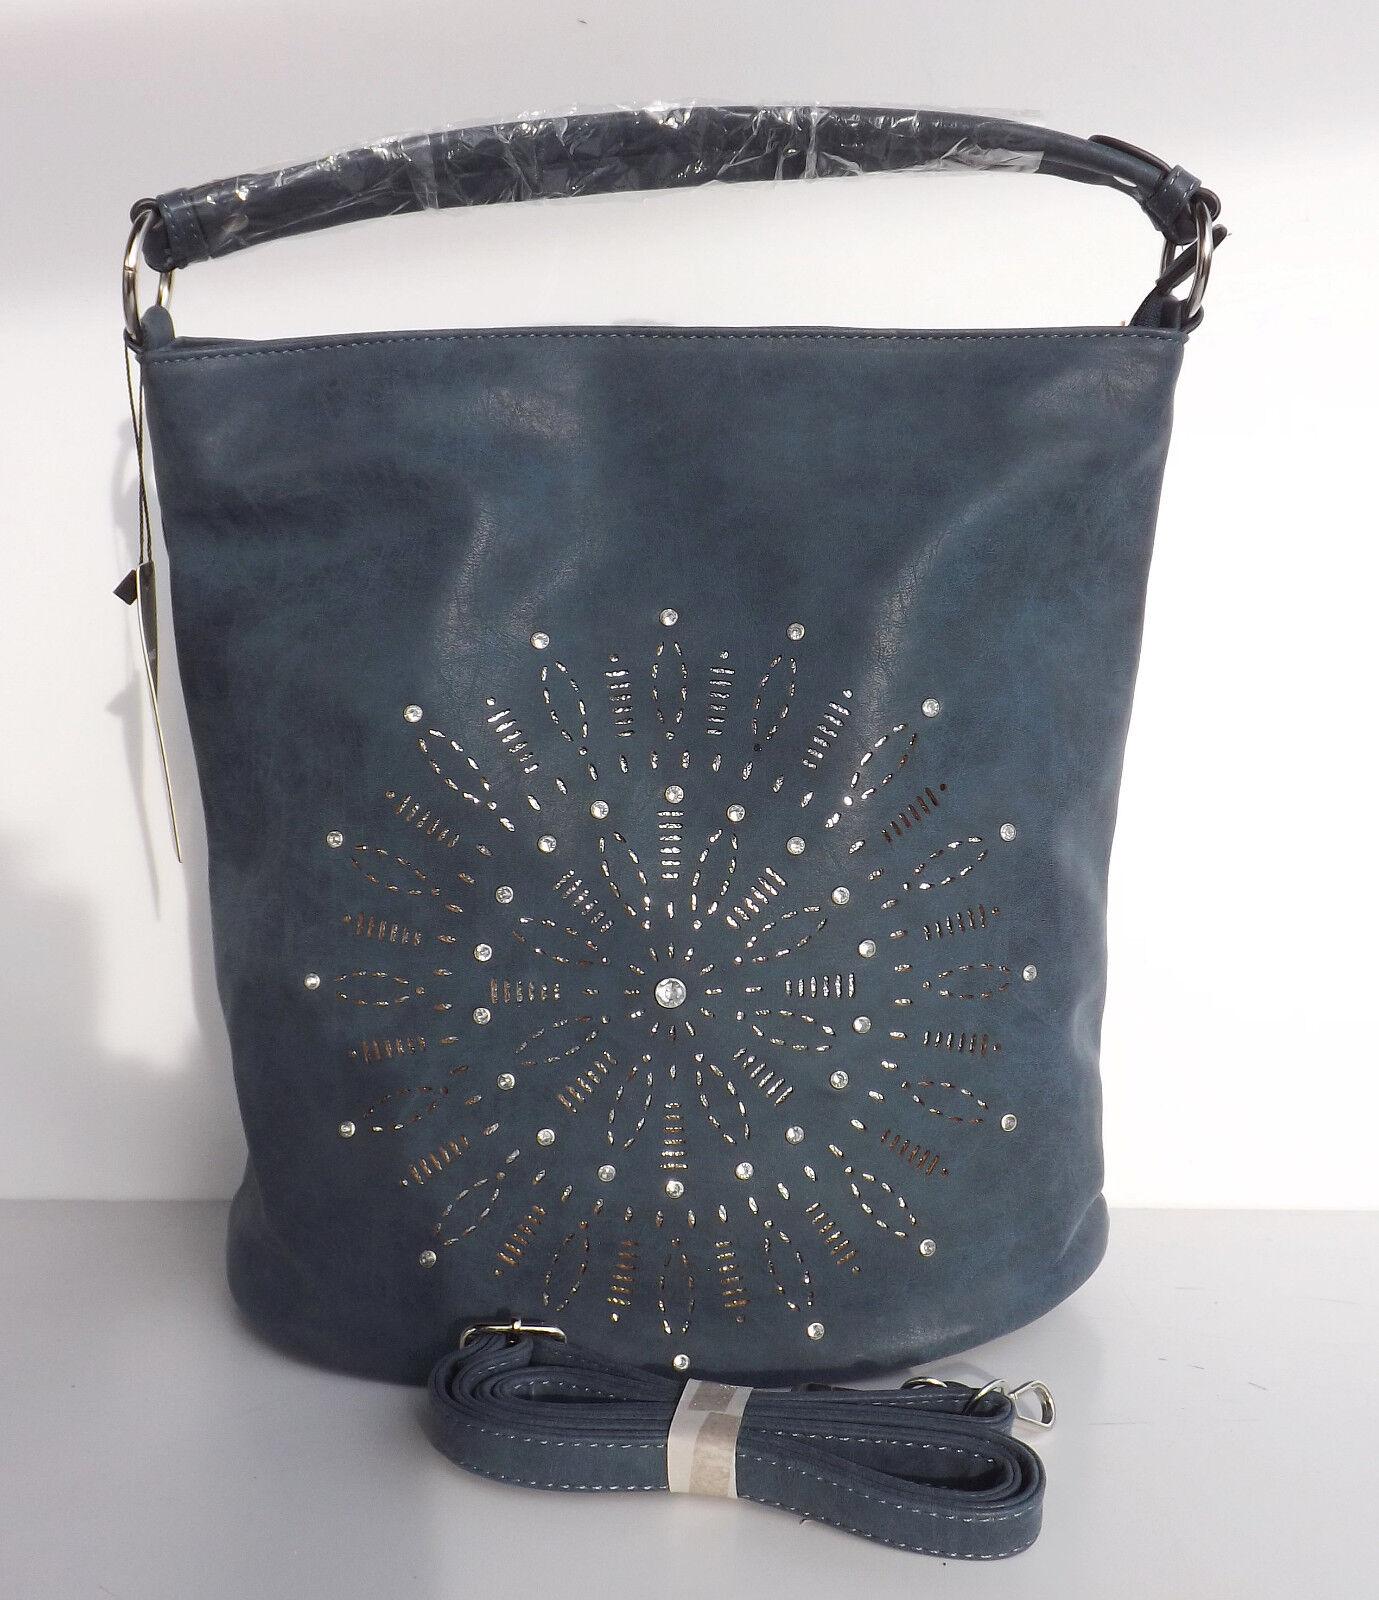 Tasche Handtasche Schultertasche Umhängetasche Damen Damen Damen Velours blau | Hochwertig  | Vielfältiges neues Design  | Neu  98a0dc